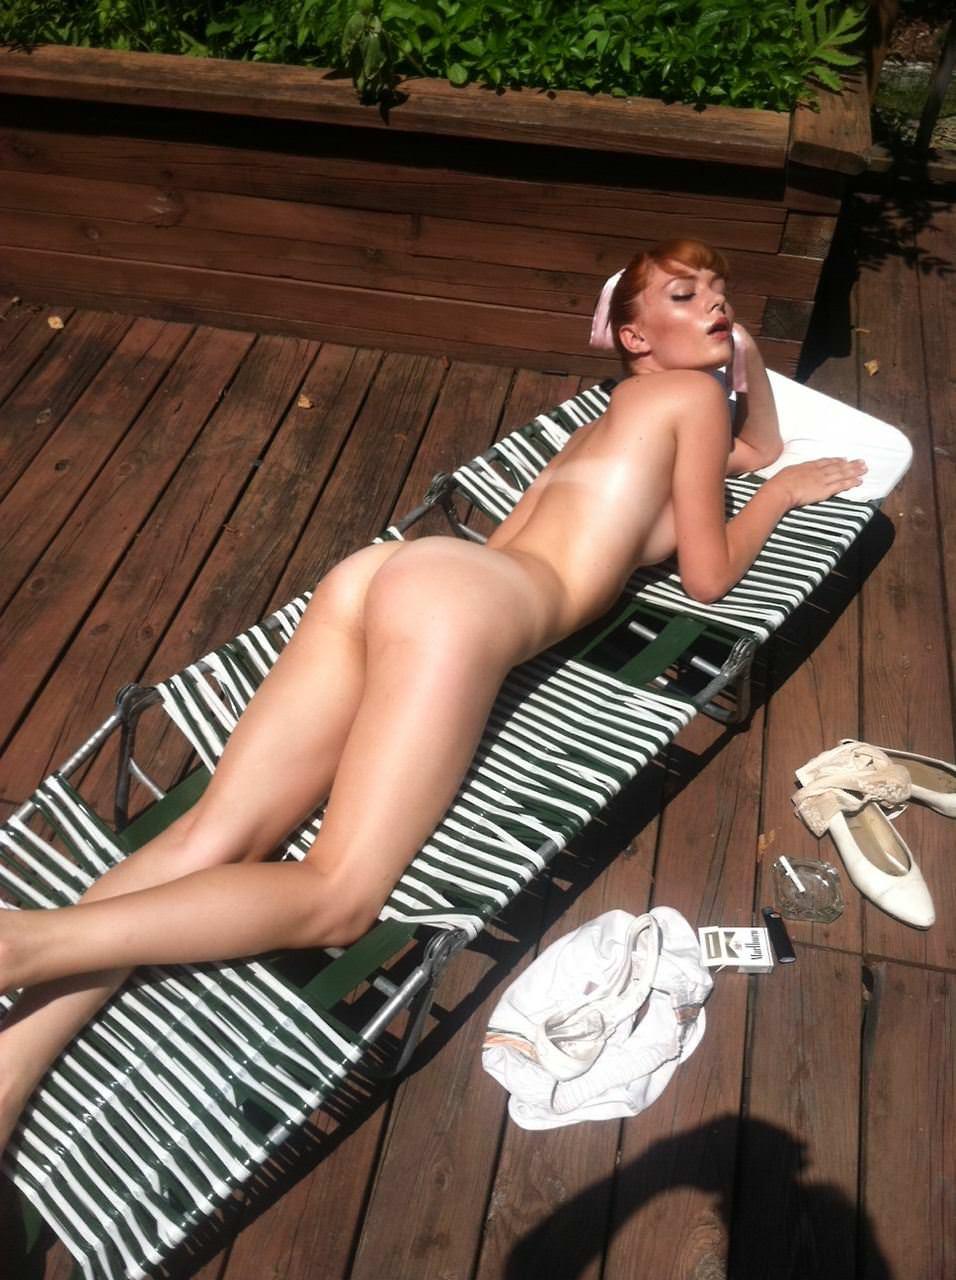 【外人】プロ写真家ジョナサン·レダーによって撮影されたノスタルジックなヌードポルノ画像 3026